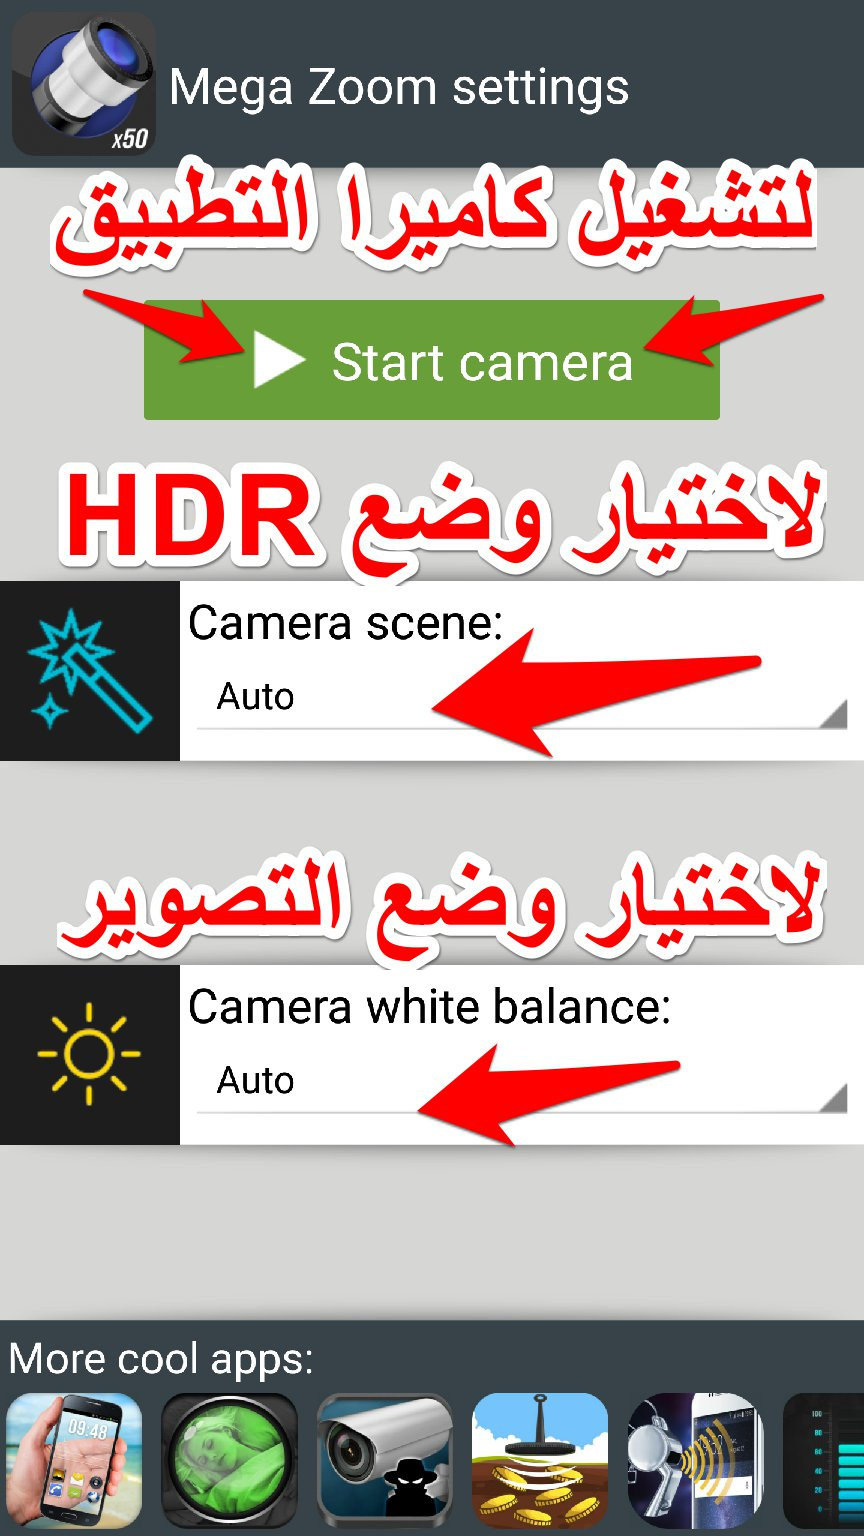 تطبيق للكاميرا لمضاعفة زوم كاميرا جوالك الاندرويد وتقريب كل بعيد | بحرية درويد